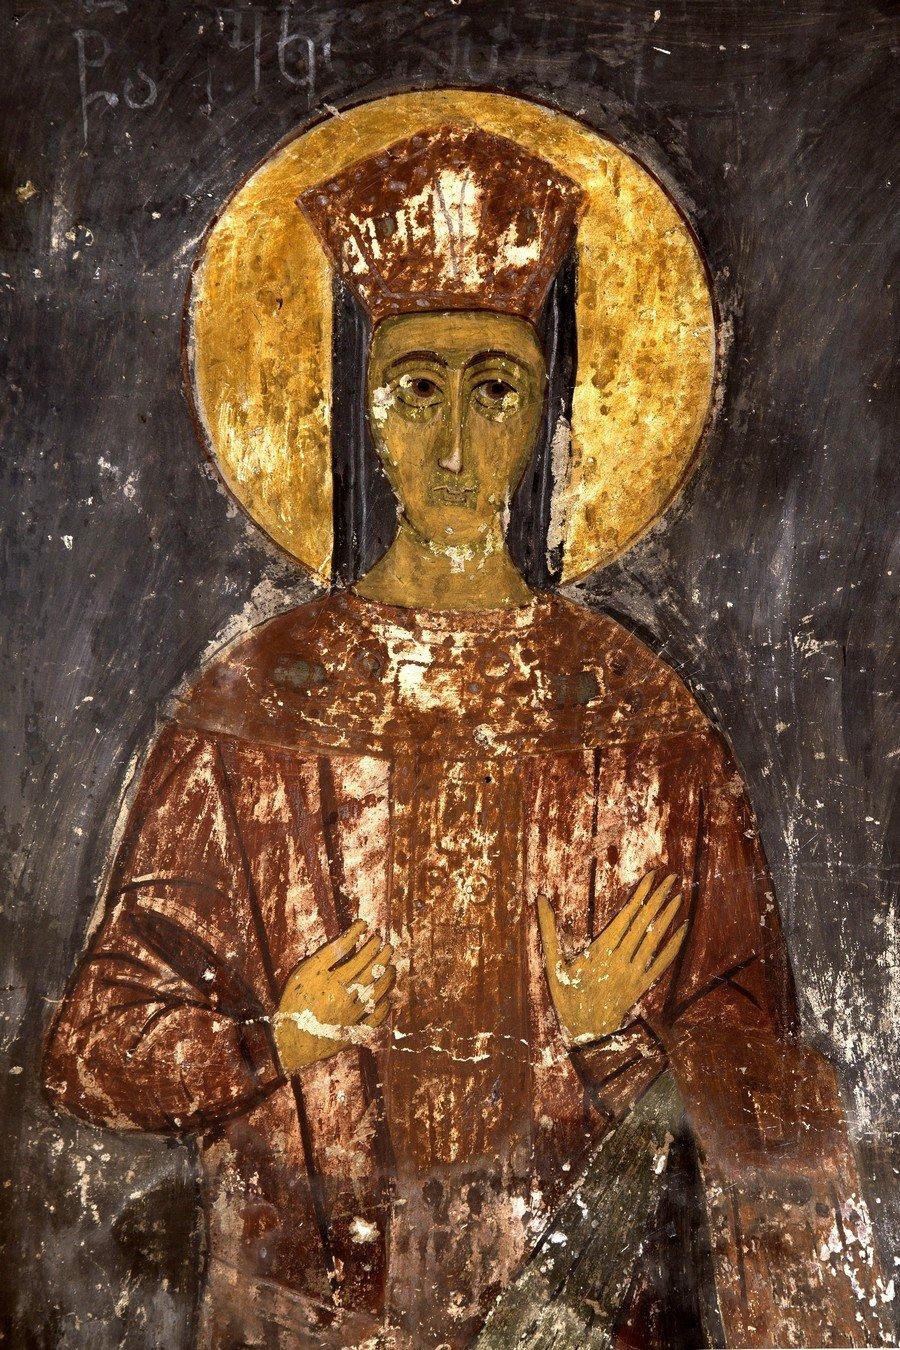 Святая Великомученица Екатерина Александрийская. Фреска церкви Тарингзел (Архангелов) в Латали, Сванетия, Грузия. XIV век.